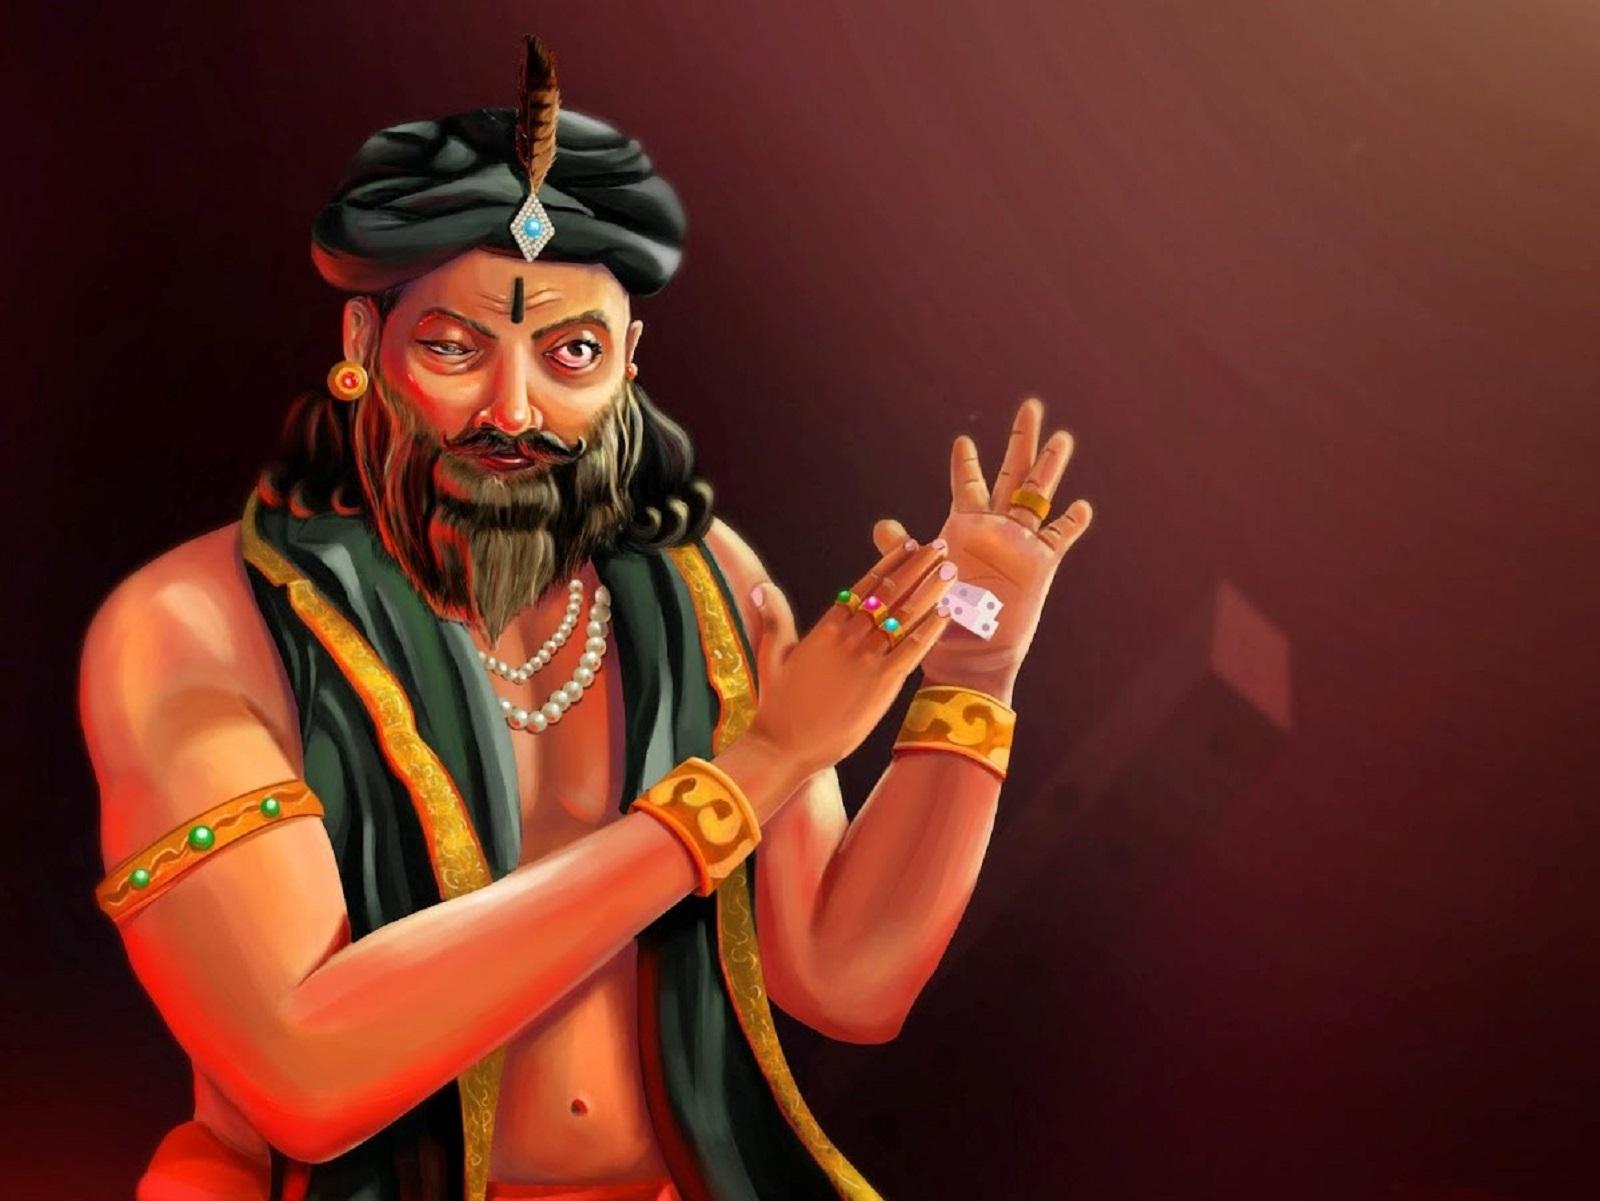 ನಿಮ್ಮ ಶಕುನಿಗಳಿಂದ ದೂರವಿರಿ : Be away from your Shakunis - Motivational Article in Kannada